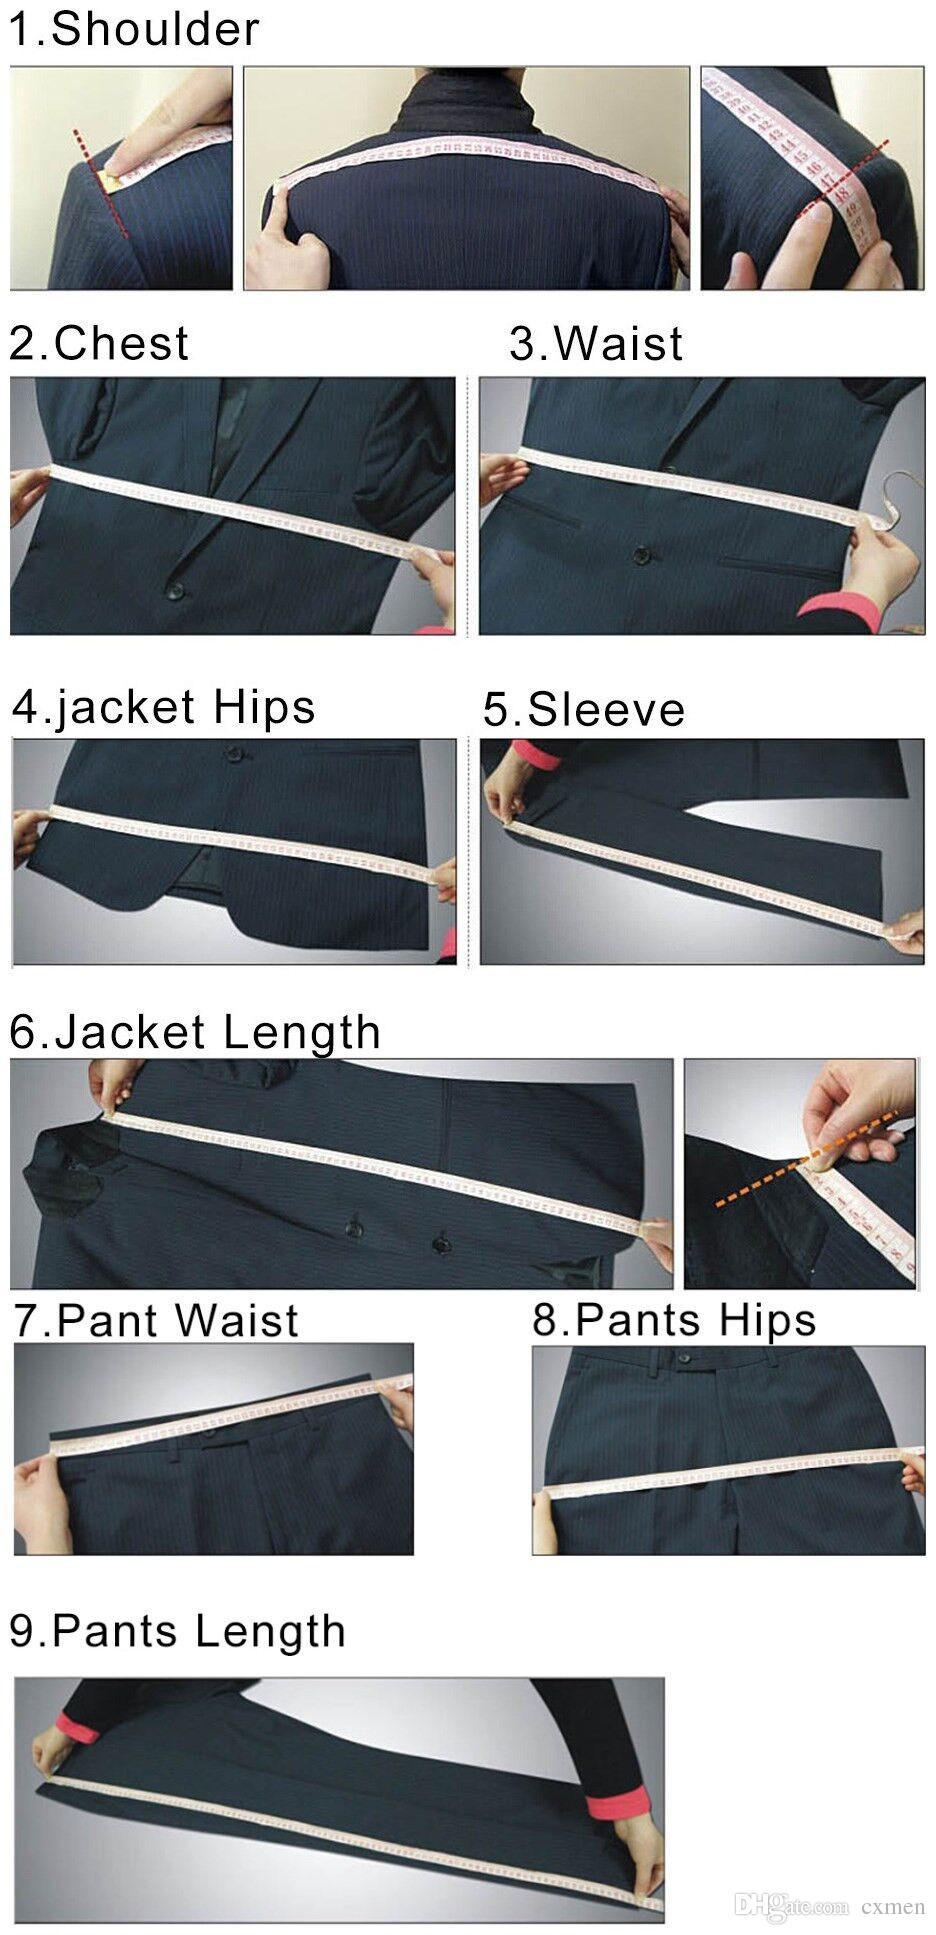 Kundenspezifische Leinen Männer Hochzeitsanzüge 2018 Khaki Männer Anzug mit kurzen Hosen-Sommer-Abnutzungs-Klagen Smoking Best Male Blazer Sets 2 Stück Jacket + Pants